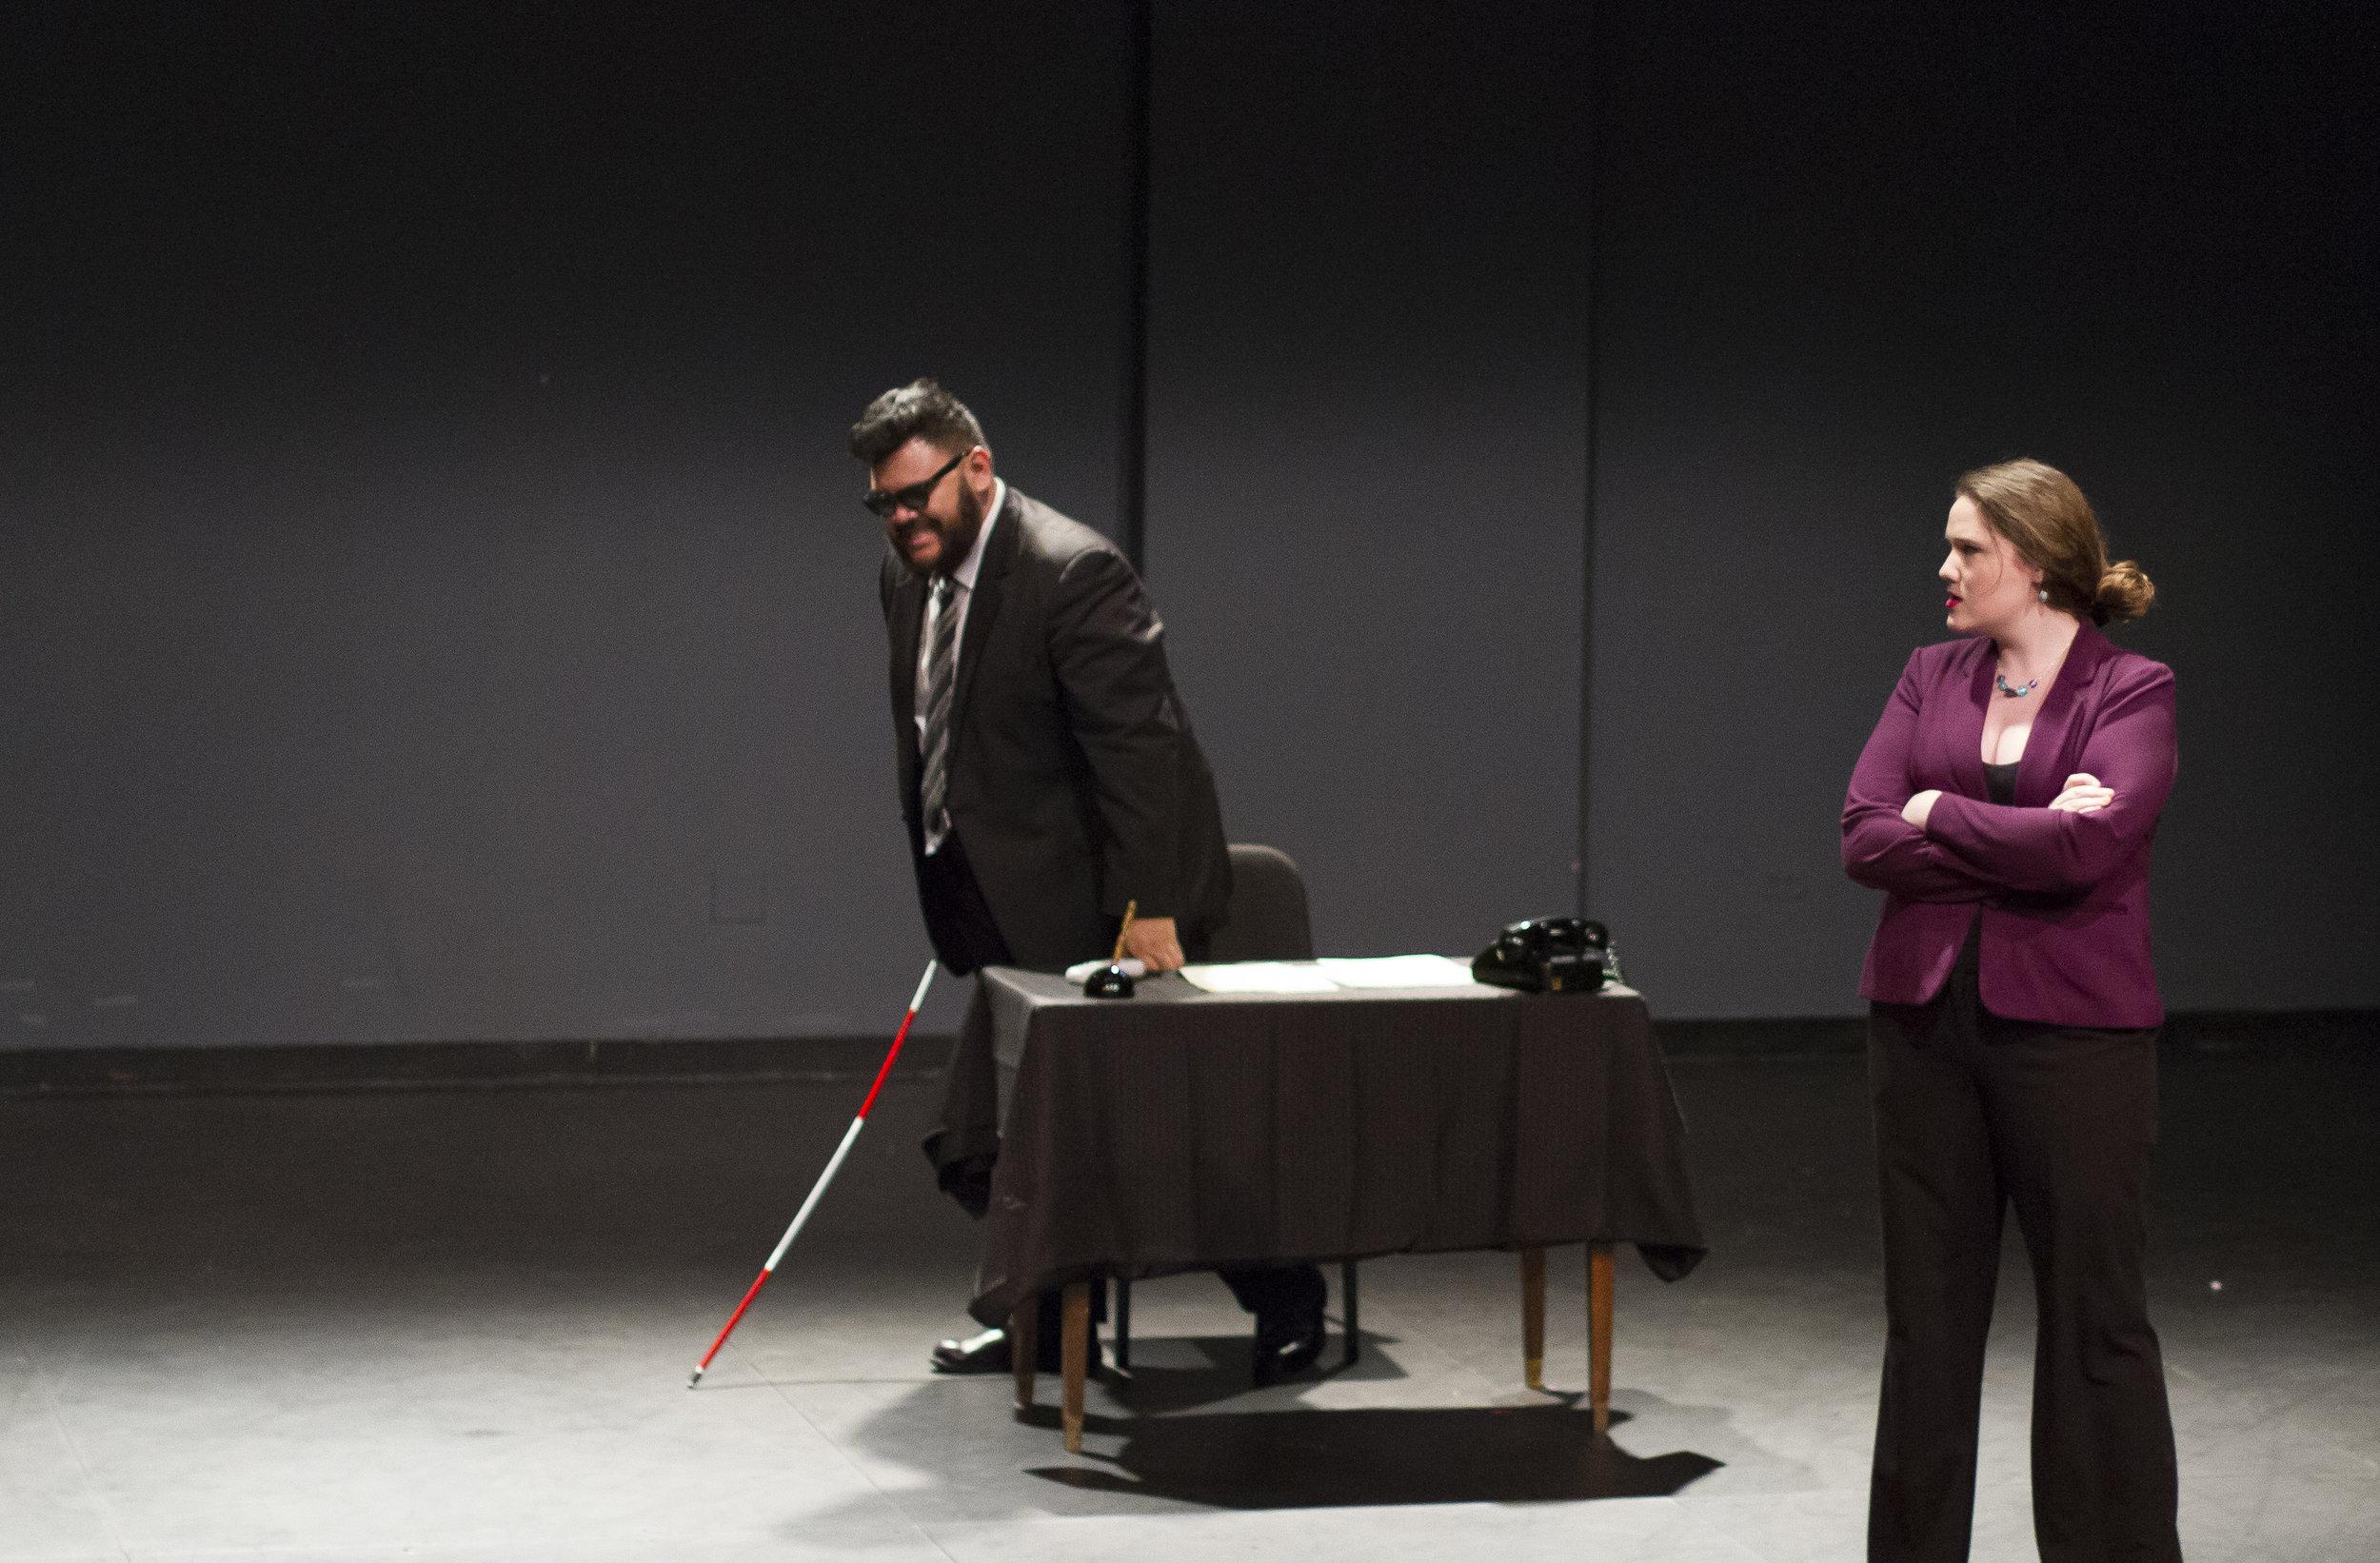 Mike Lala Joshua Getman Oedipus in the District Juilliard 2018 7.jpg